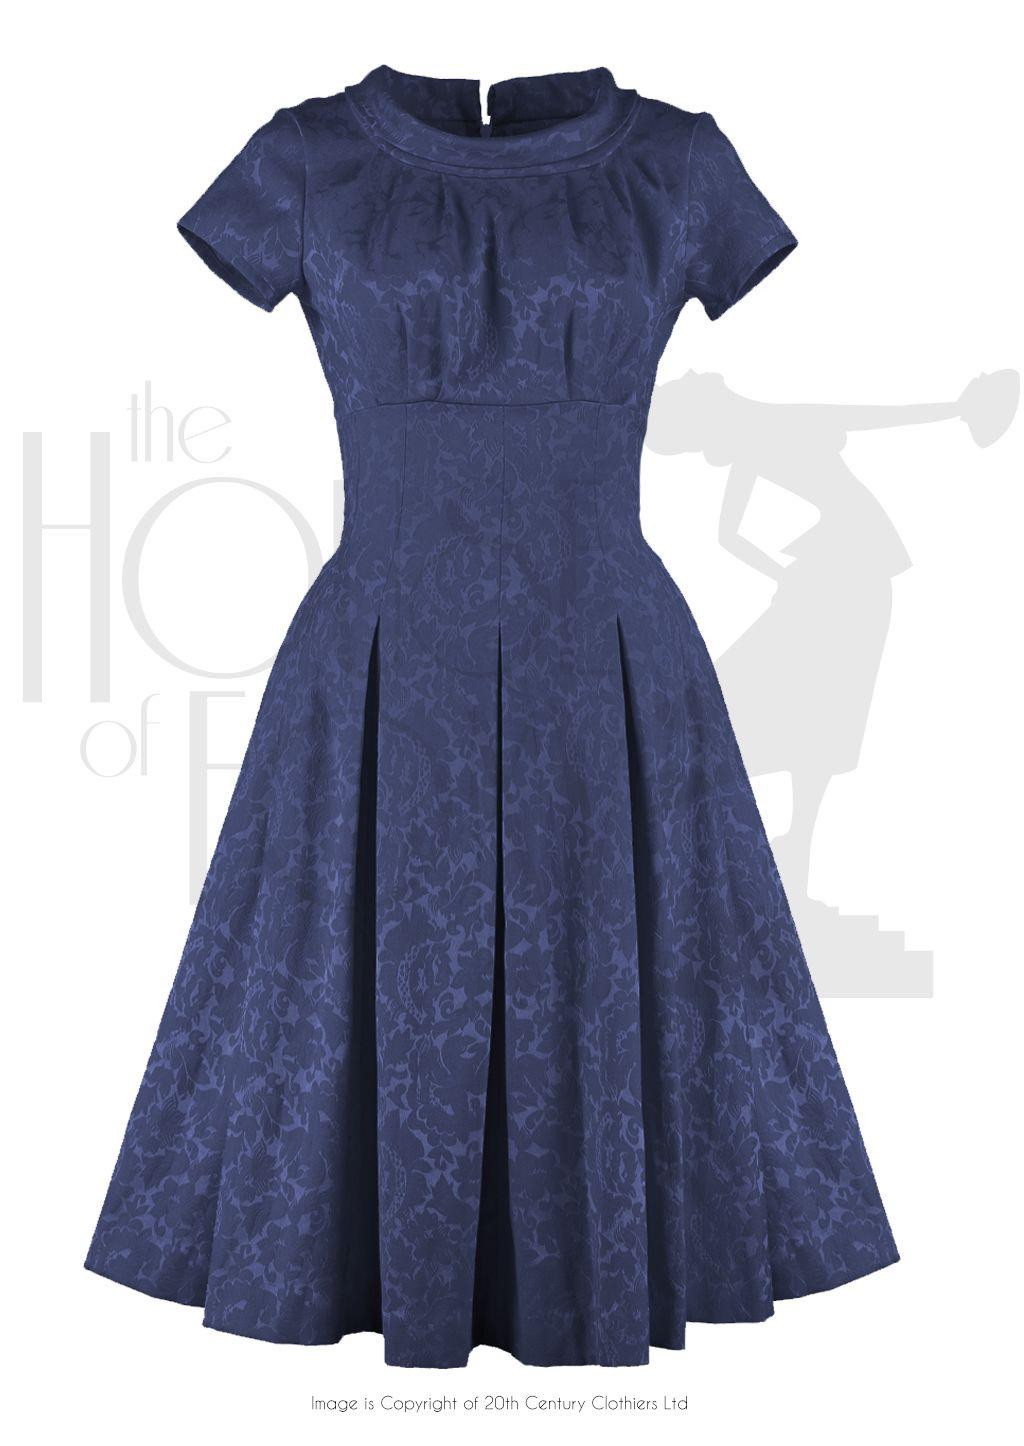 71c64fbd344 1950s Dresses